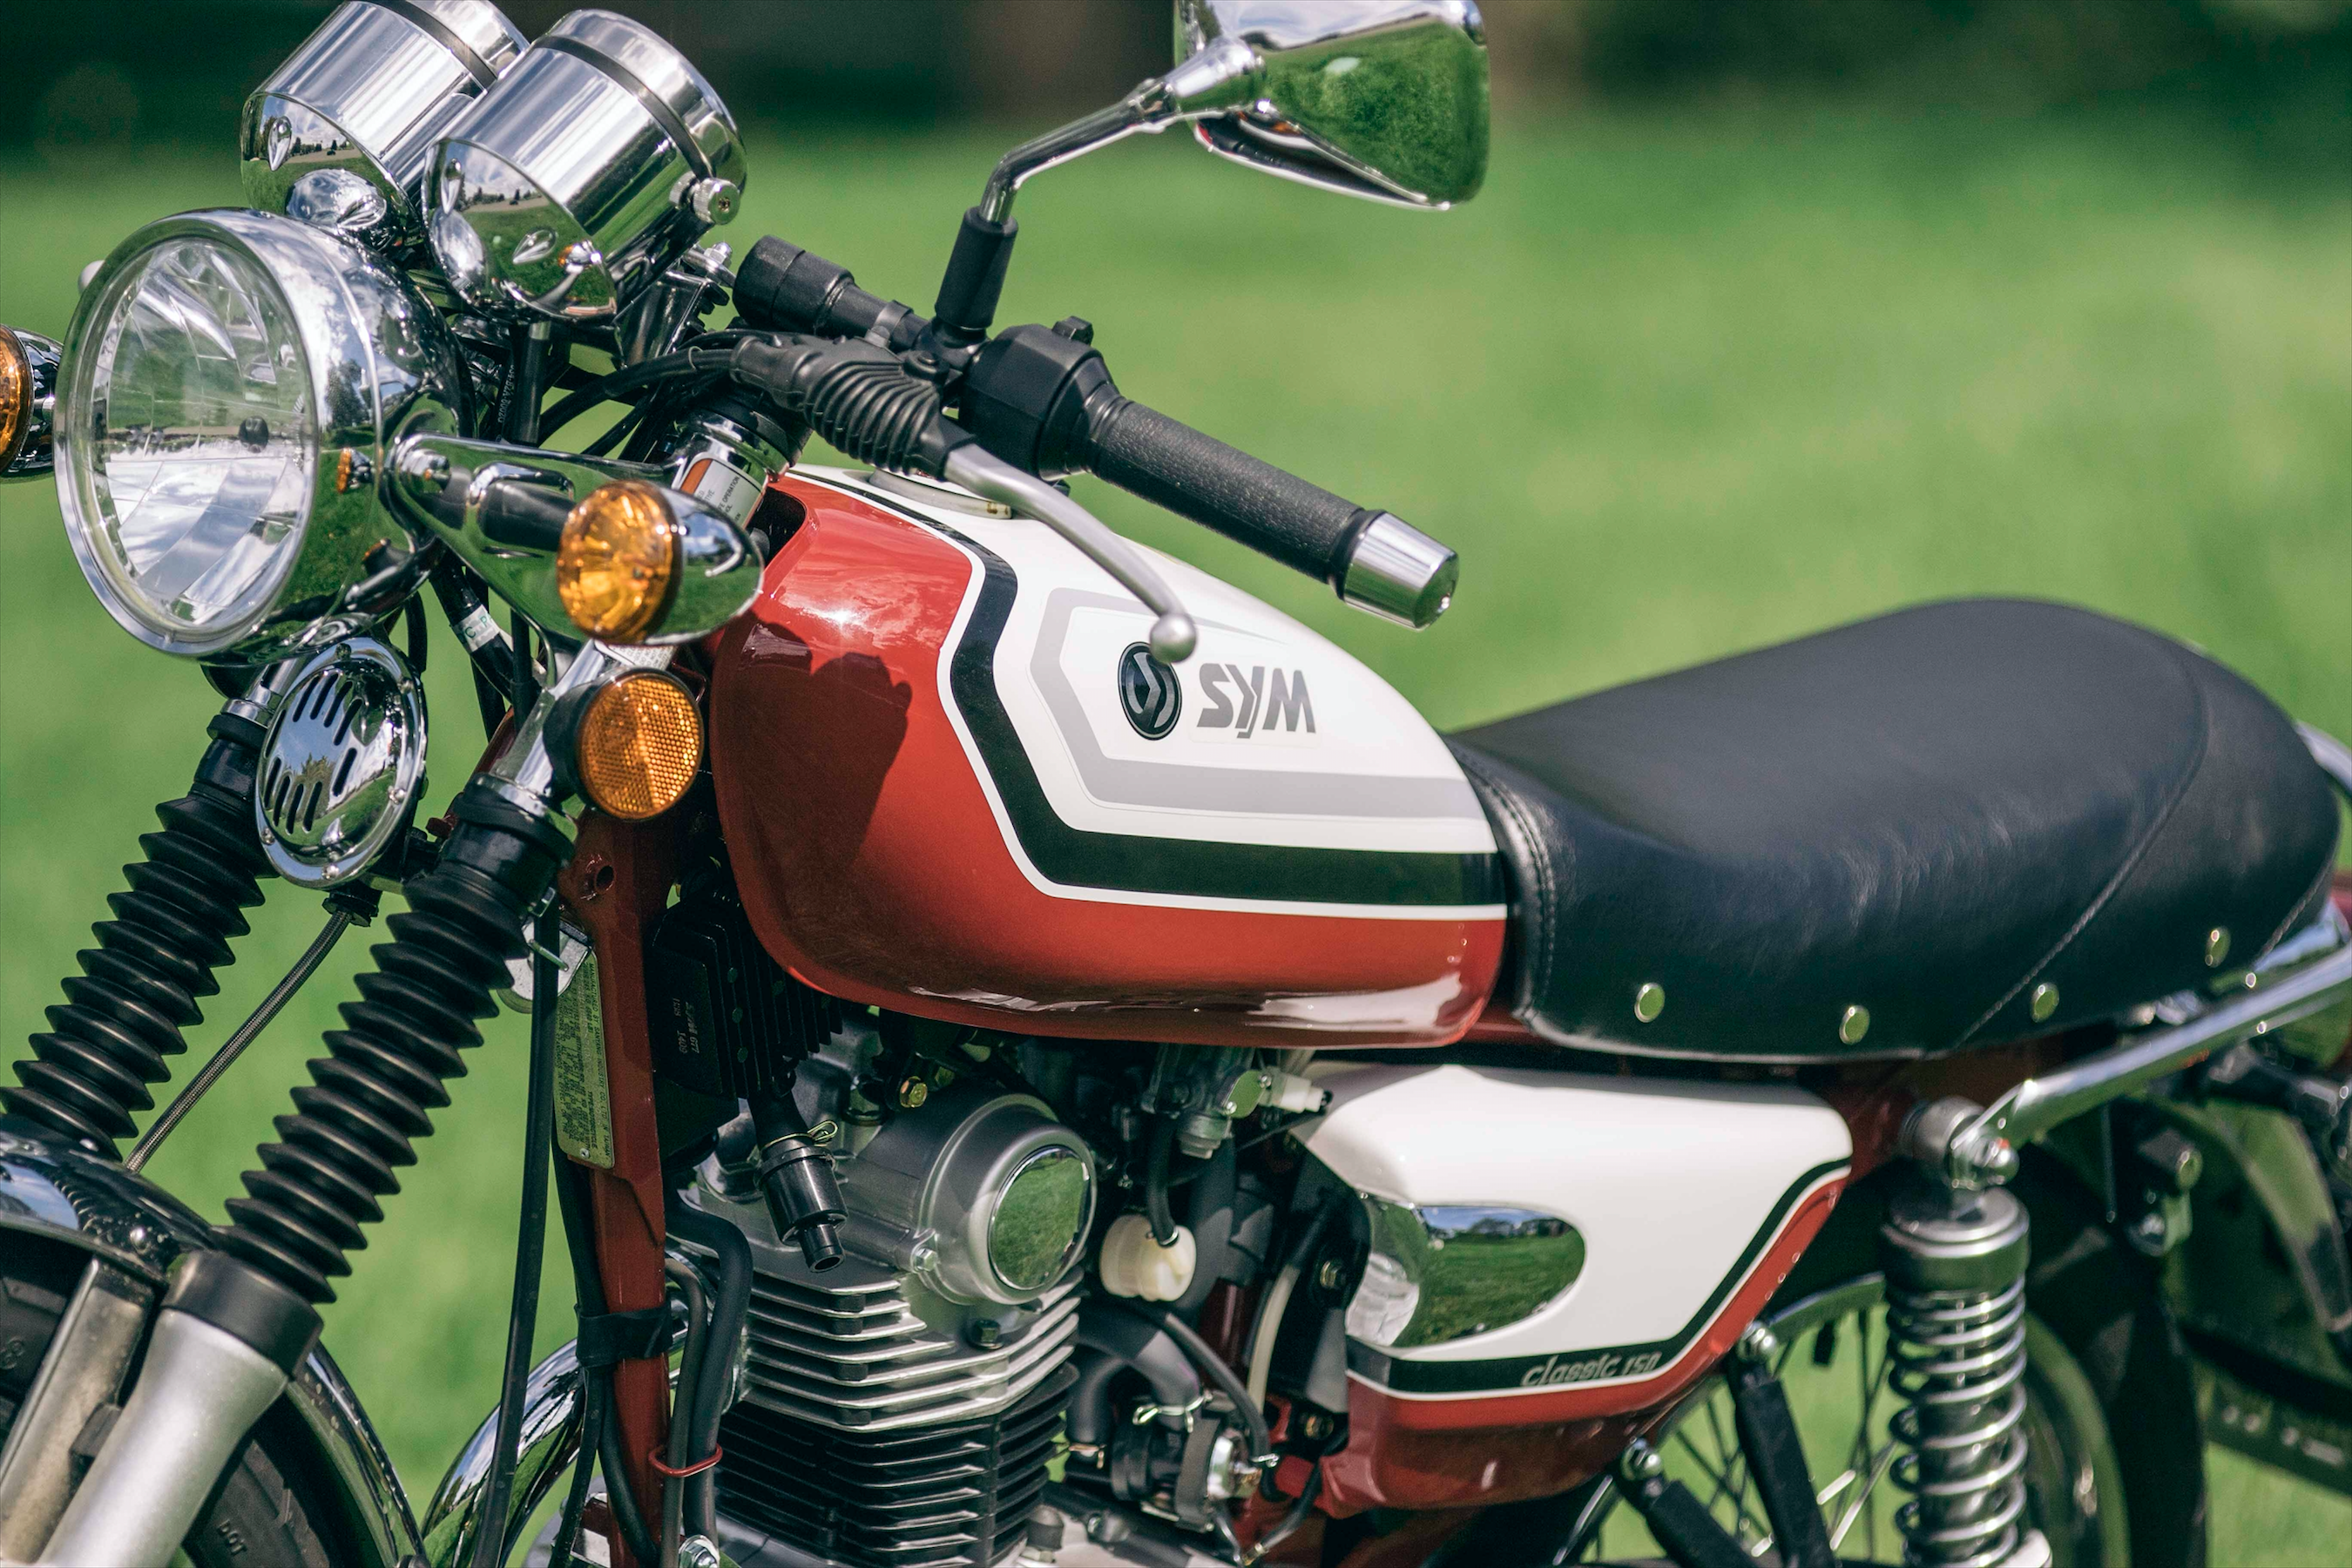 SYM Wolf Classic 150cc - Sideroist